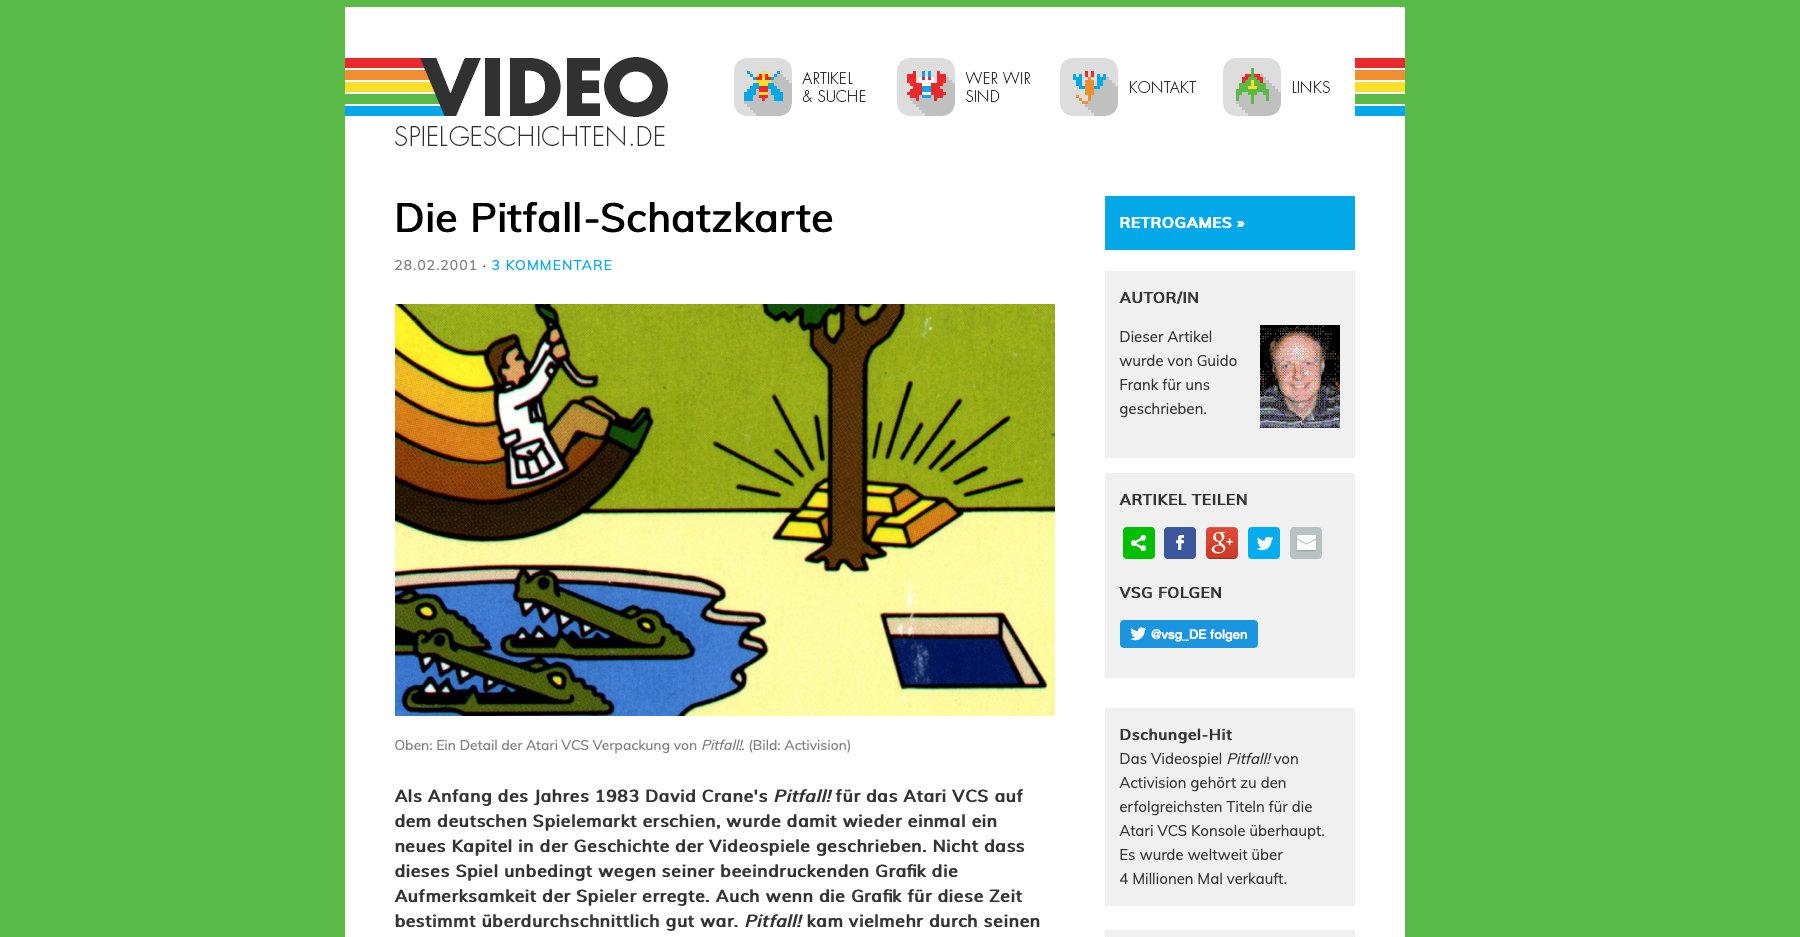 """Im Jahr 2009 wurde """"Videospielgeschichten.de"""" gegründet. Die Seite wurde komplett in HTML geschrieben. Zeitraum: 2009-2016. (Bild: André Eymann)"""